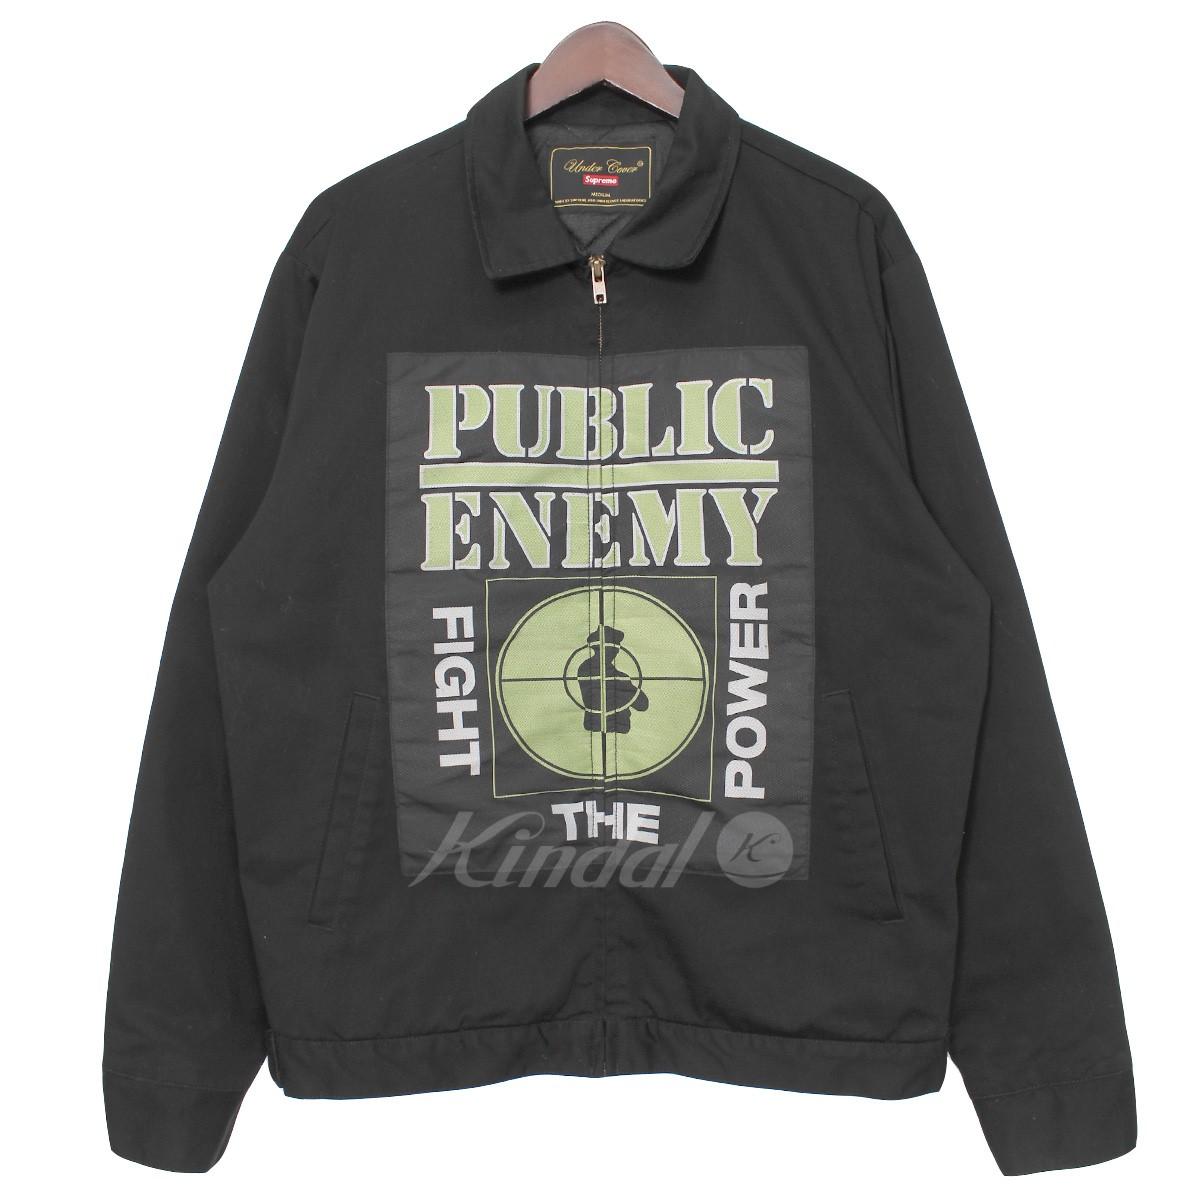 【中古】Supreme UNDER COVER 18SS ×Public Enemy Work Jacket パブリックエネミー ワークジャケット 【送料無料】 【015058】 【KJ1645】